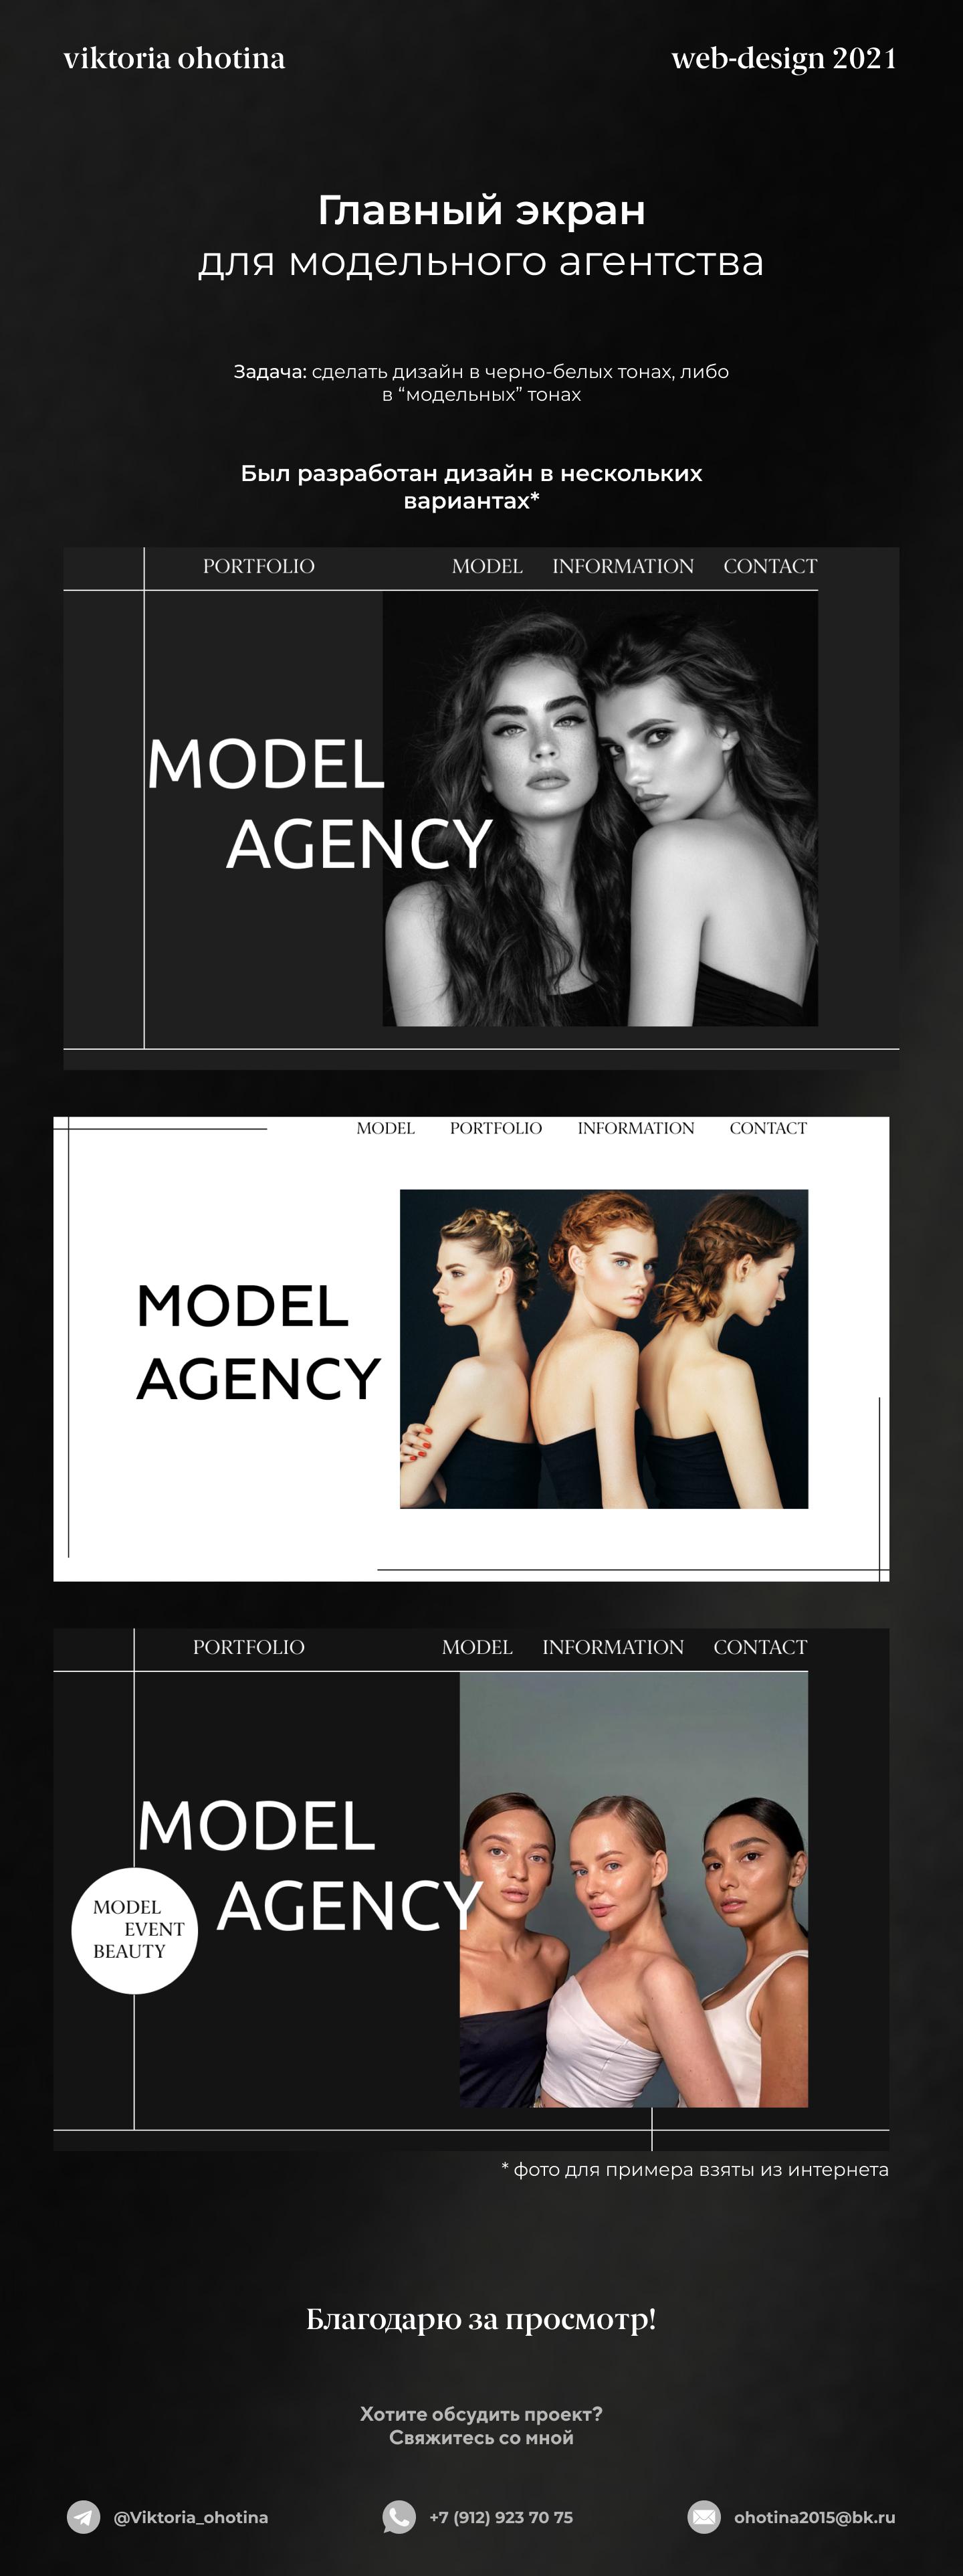 Дизайн главного экрана для модельного агентства